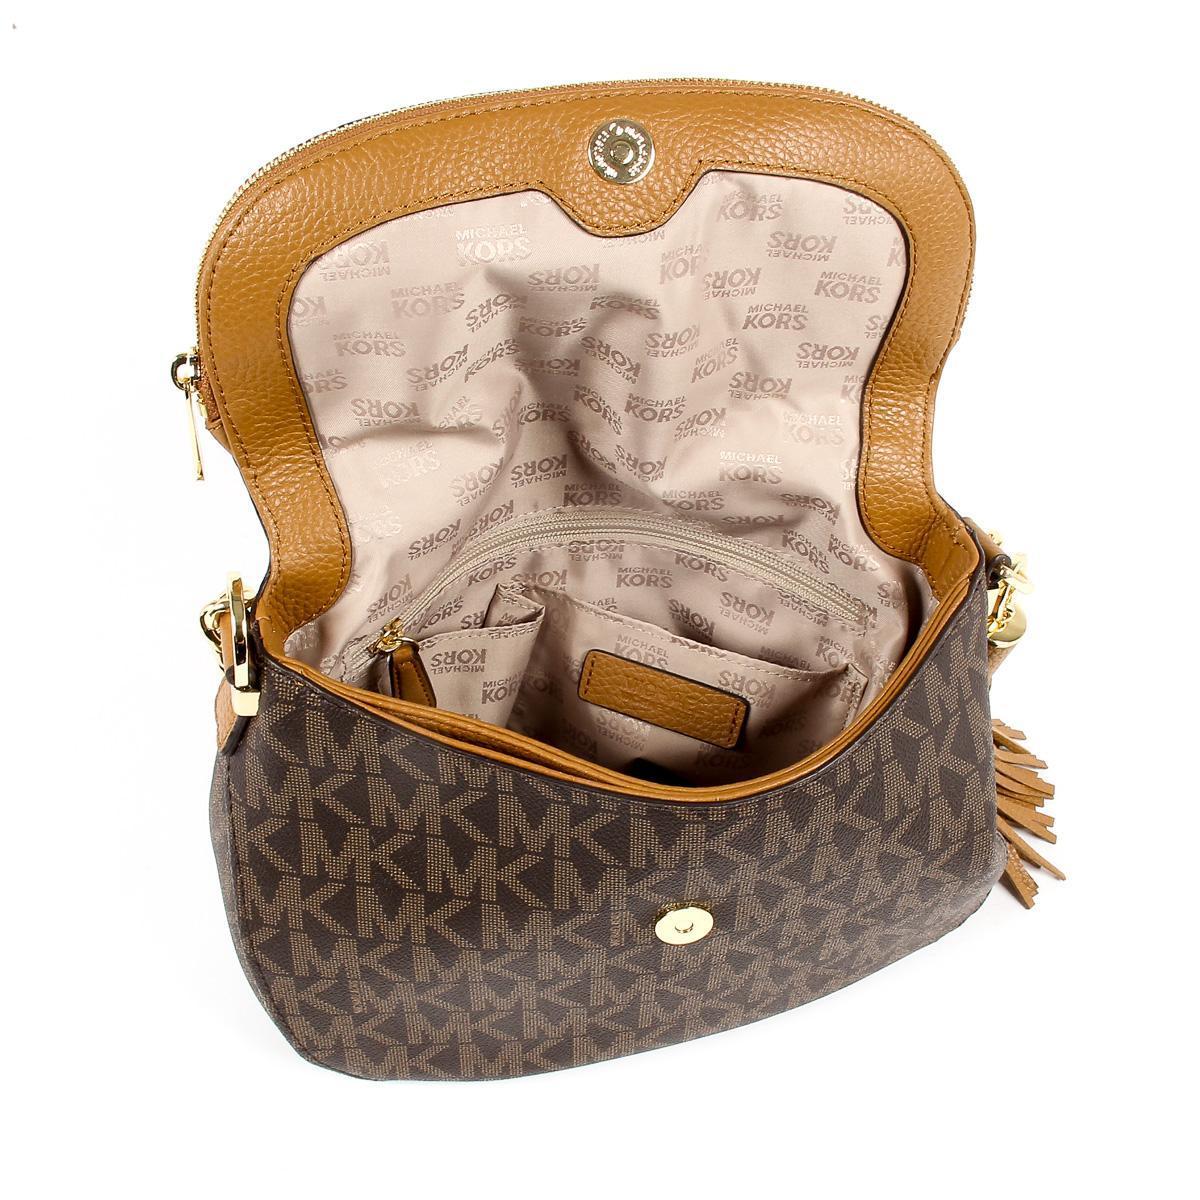 a333a0c5cc09f Michael Kors Womens Handbag Bedford and 32 similar items